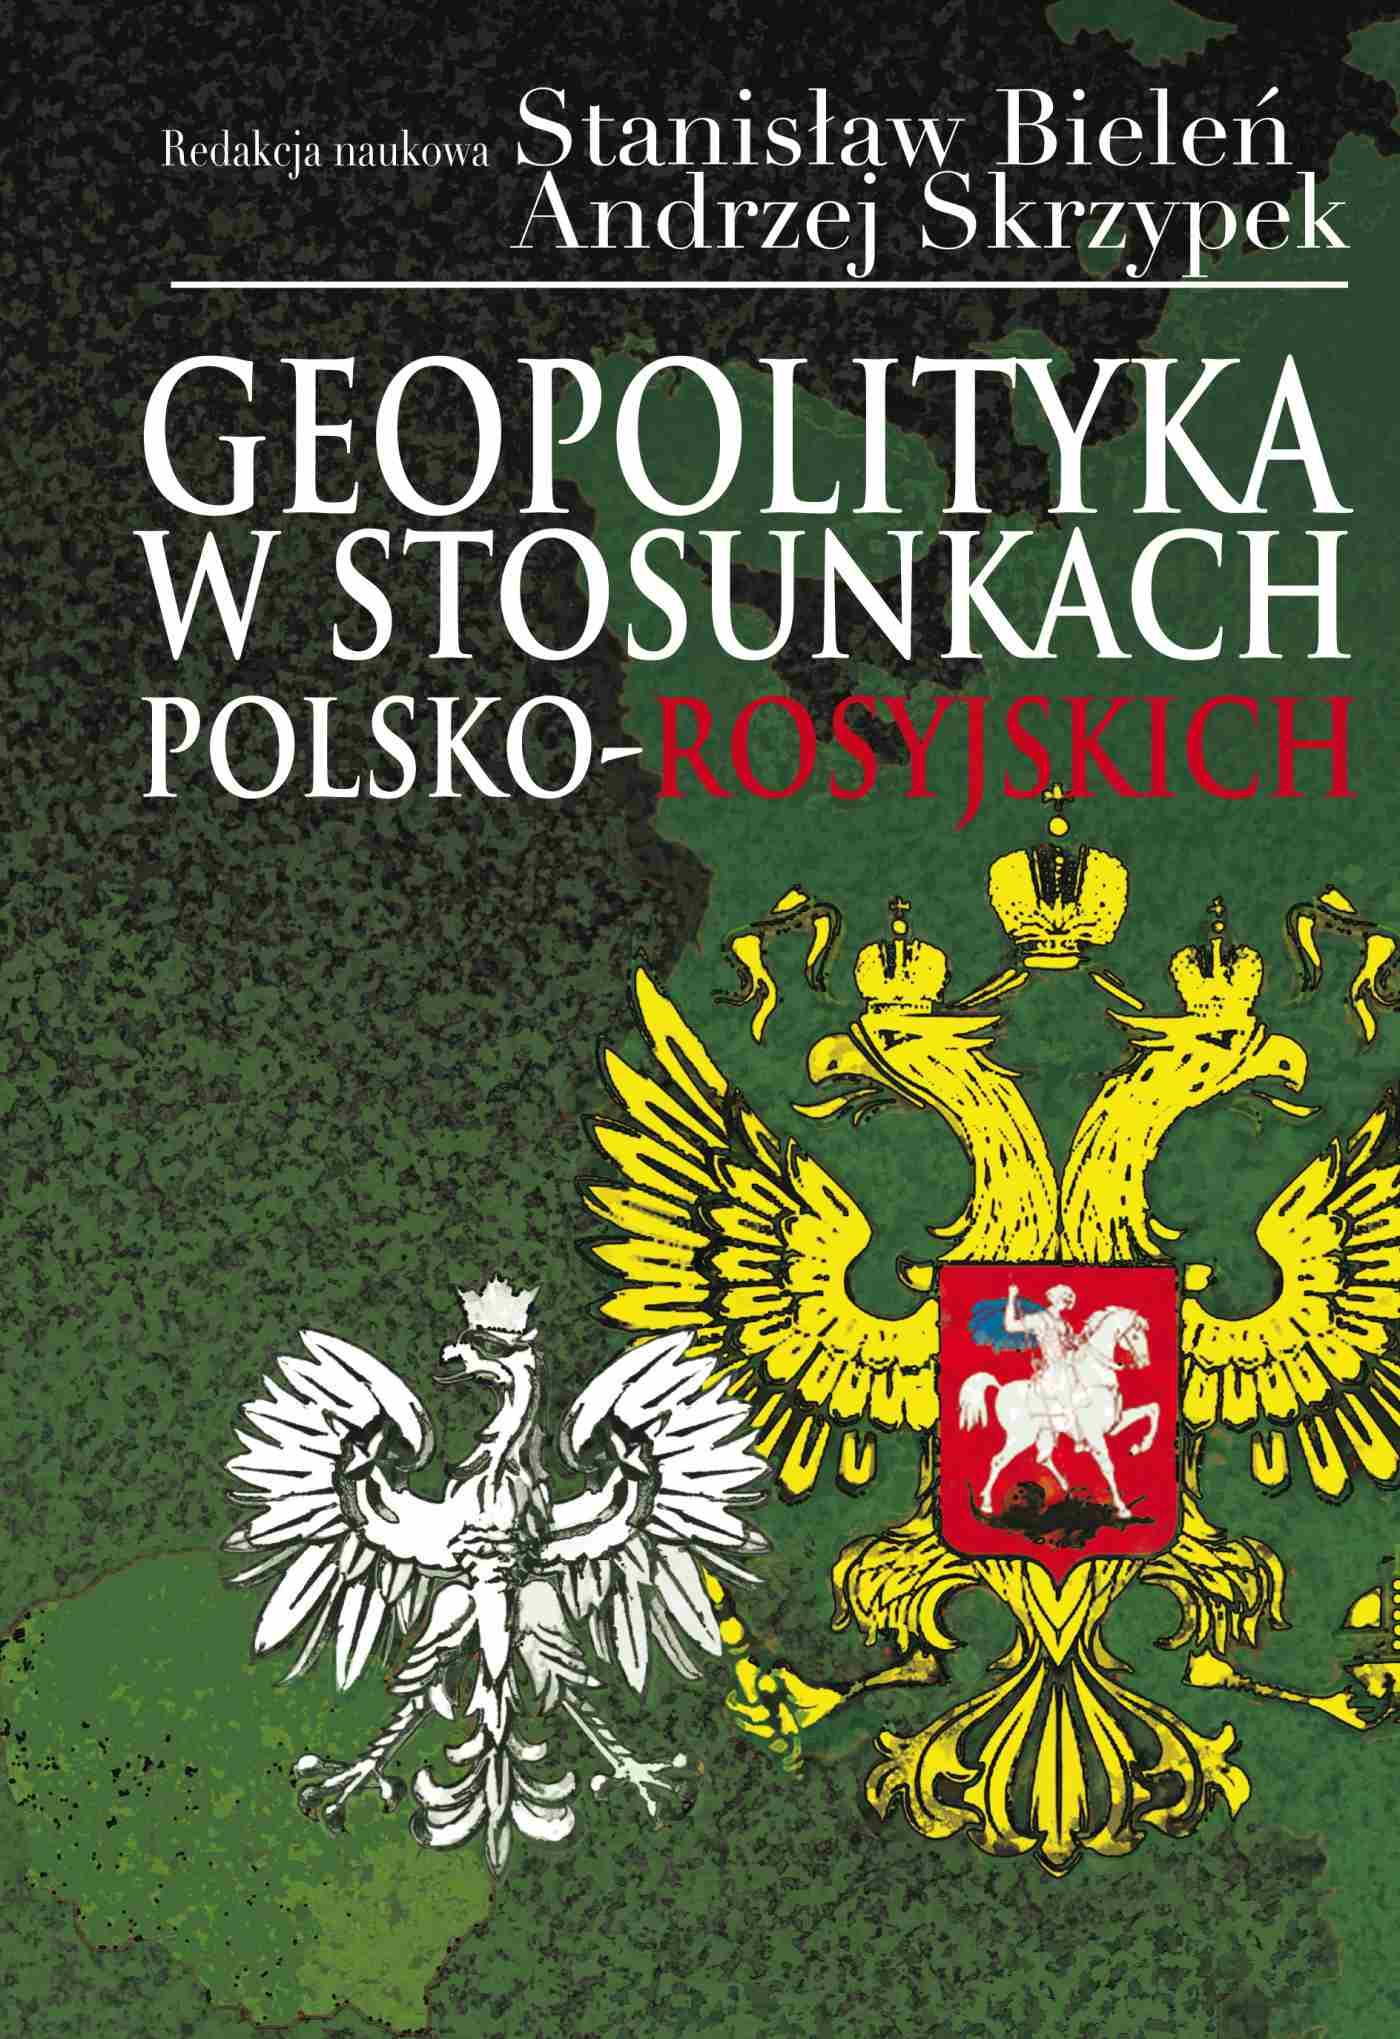 Geopolityka w stosunkach polsko-rosyjskich - Ebook (Książka PDF) do pobrania w formacie PDF